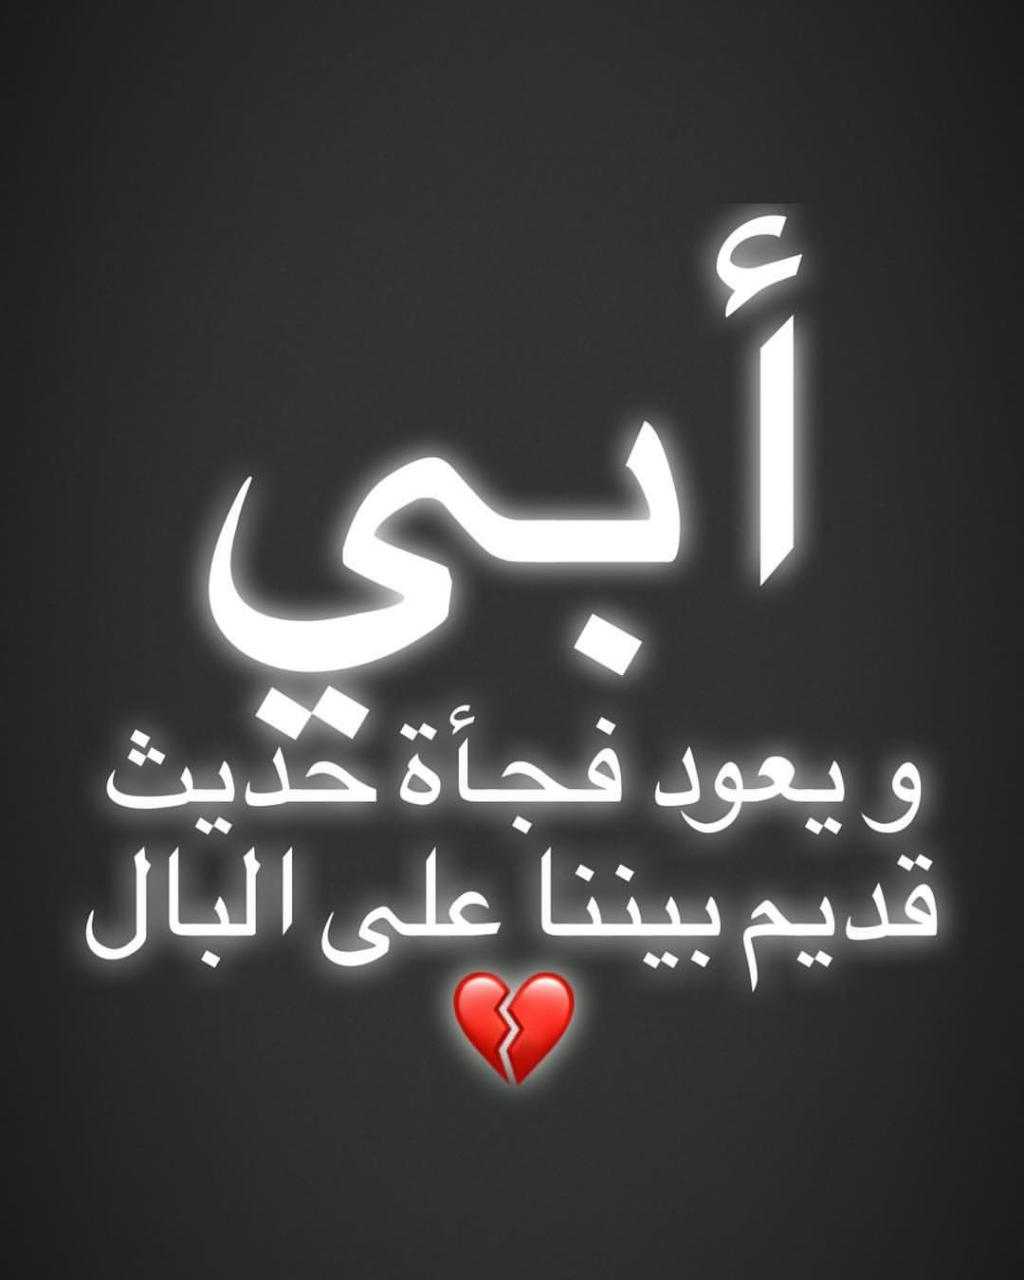 اجمل كلام عن الاب المتوفي Aiqtabas Blog